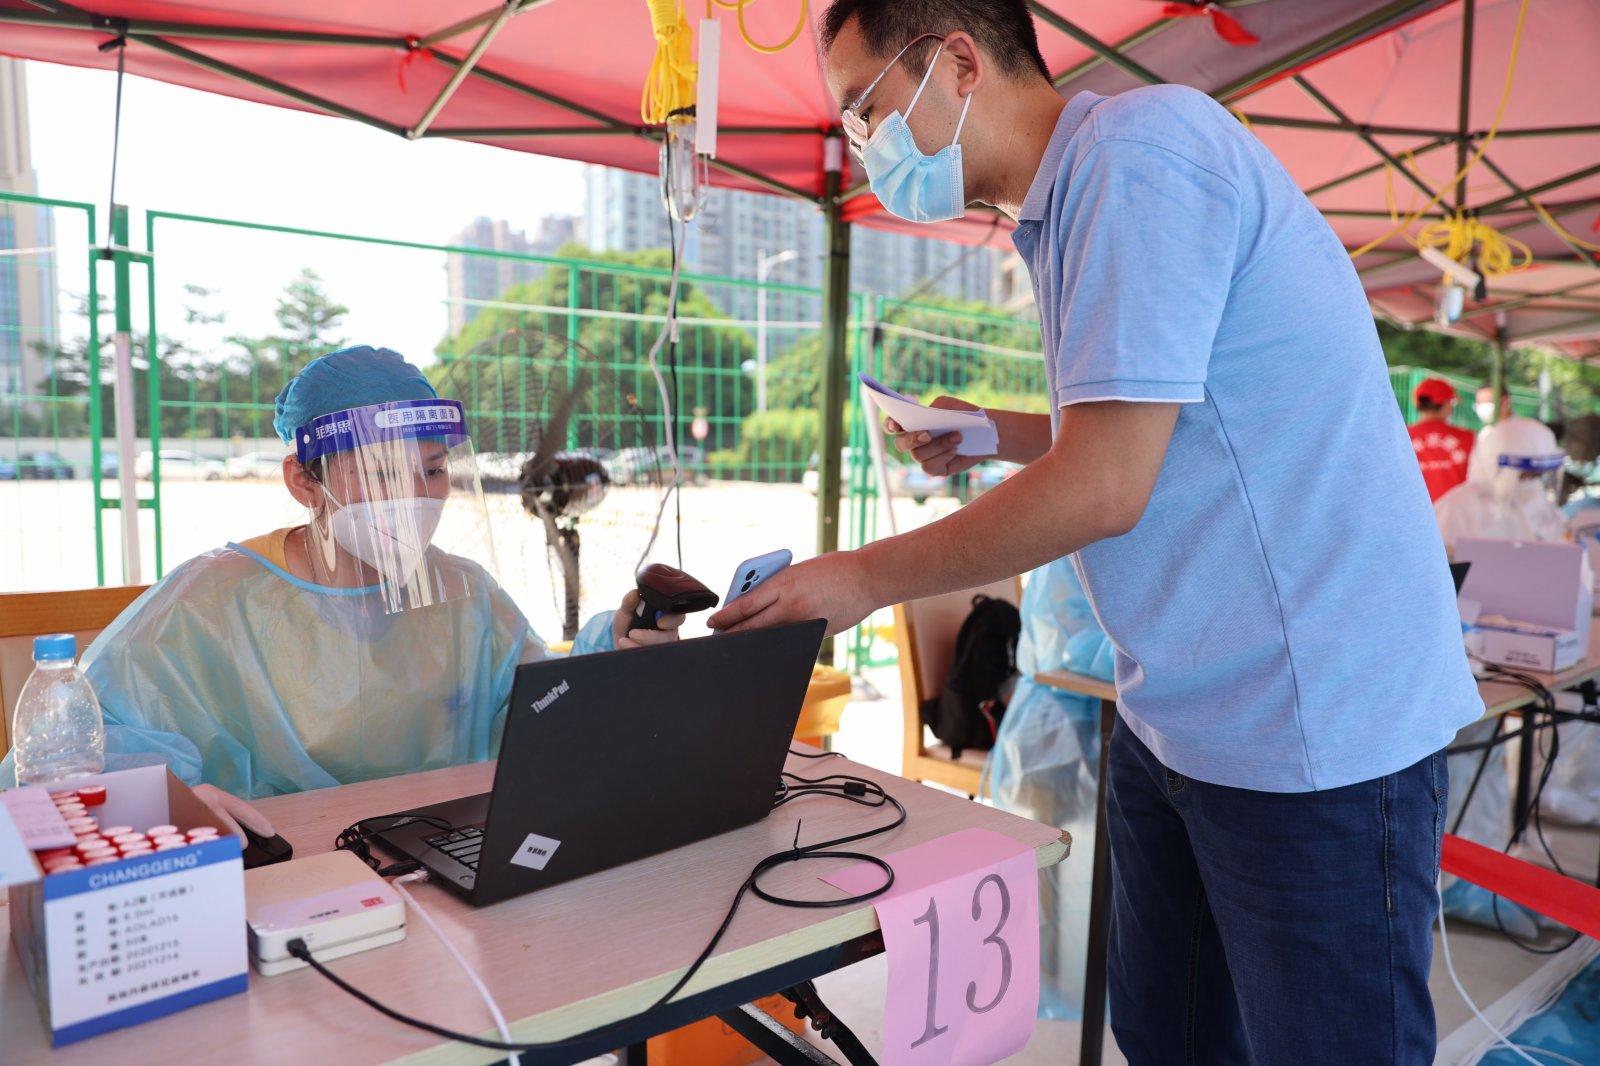 9月14日,在廈門市思明區篔簹街道金橋社區檢測點,工作人員為市民登記相關信息。(新華社)